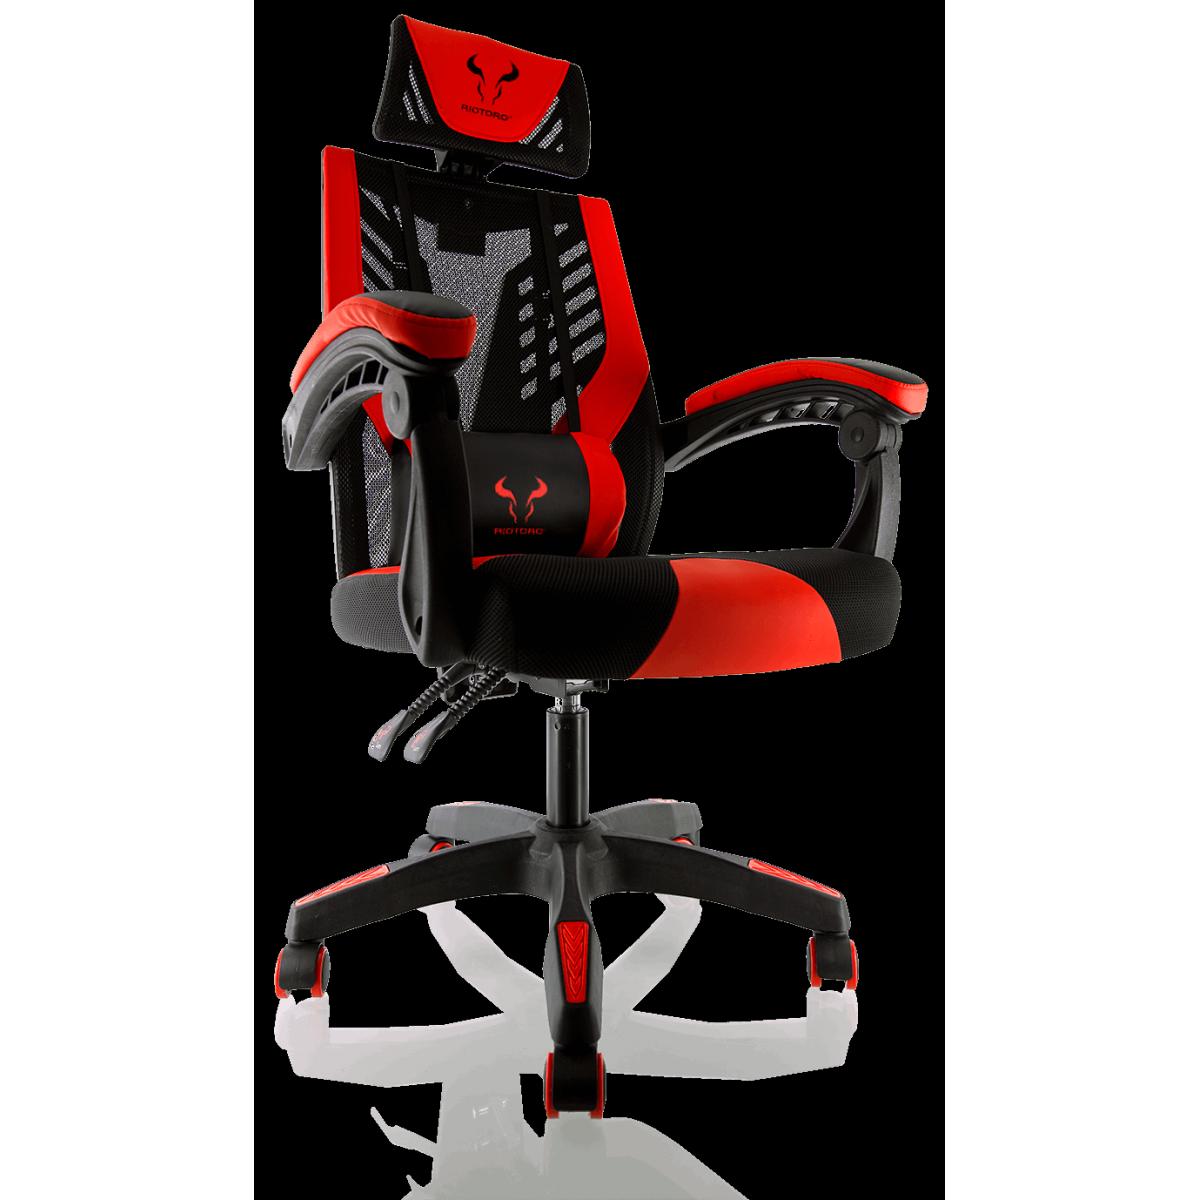 Cadeira Gamer Riotoro, Spitfire M3, Mesh, Reclinável, Black/Red, GC-10M3